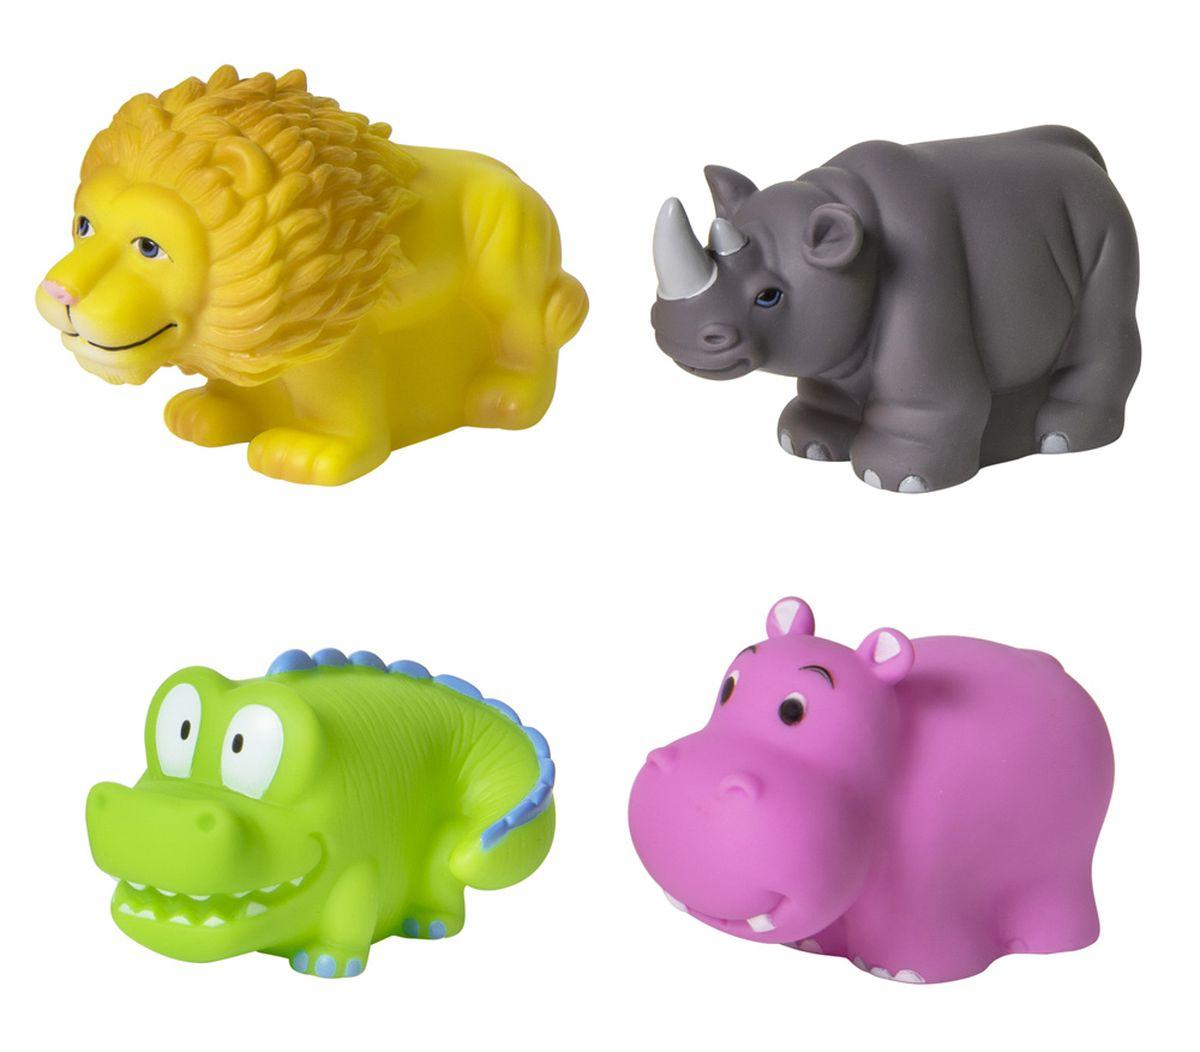 Курносики Набор игрушек для ванной Африка 4 шт25031Набор игрушек-брызгалок «Африка» выполнен из мягкого безопасного материала, способен превратить обычное купание в веселую игру. В наборе четыре игрушки: лев, носорог, крокодил, бегемот. Высота игрушек: 5,5 см. Размер игрушки (в/ш/г): лев: 6*5*9 см. бегемот: 5,5*4*7,5 см. носорог: 5,5*4*8,5 см. крокодил: 5*5,5*8 см.